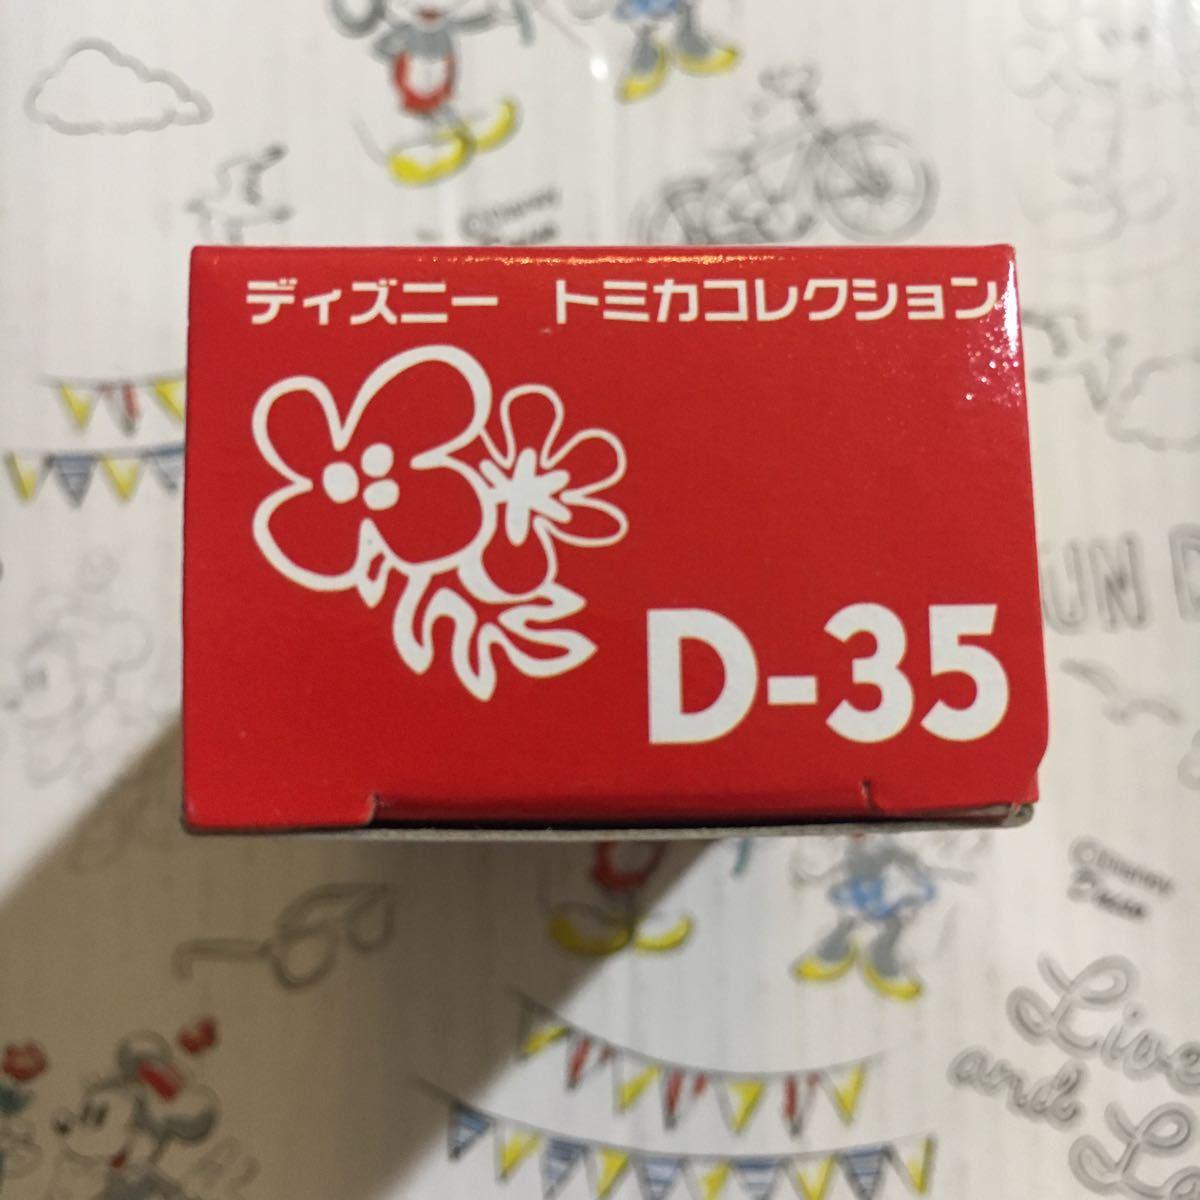 D-35 DAIHATSU ダイハツ ムーヴカスタム スティッチ Disney ディズニー トミカ コレクション Stitch LILO Move スクランプ ムーブ_画像3